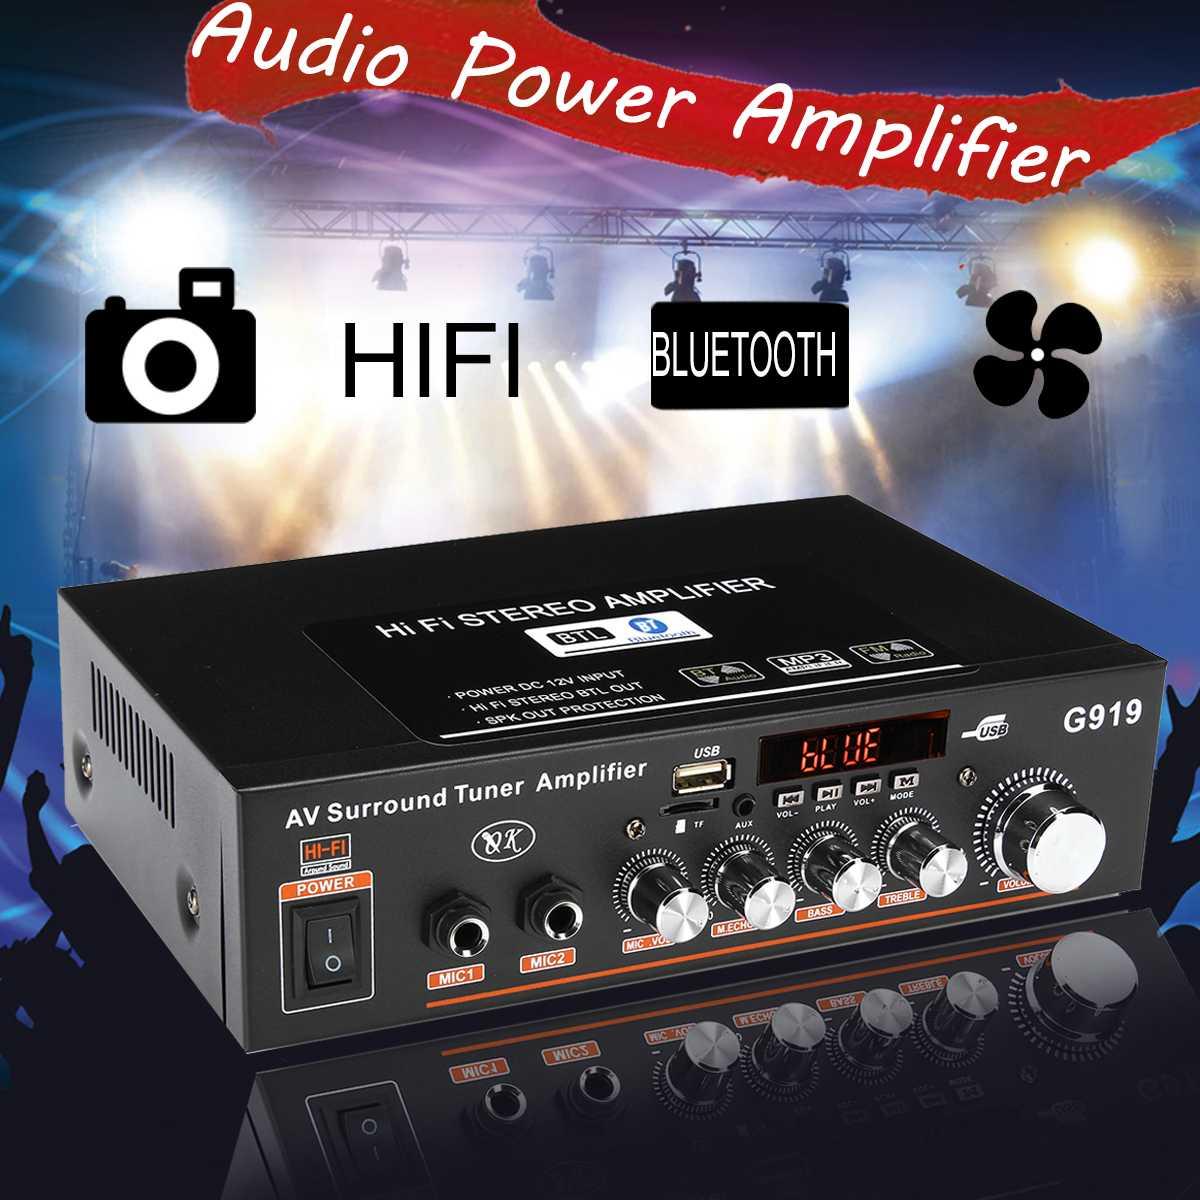 12 v/220 v 360 w g919 mini amplificador de potência estéreo de áudio bluetooth fm sd alta fidelidade 2ch amplificador áudio player de música para casa do carro